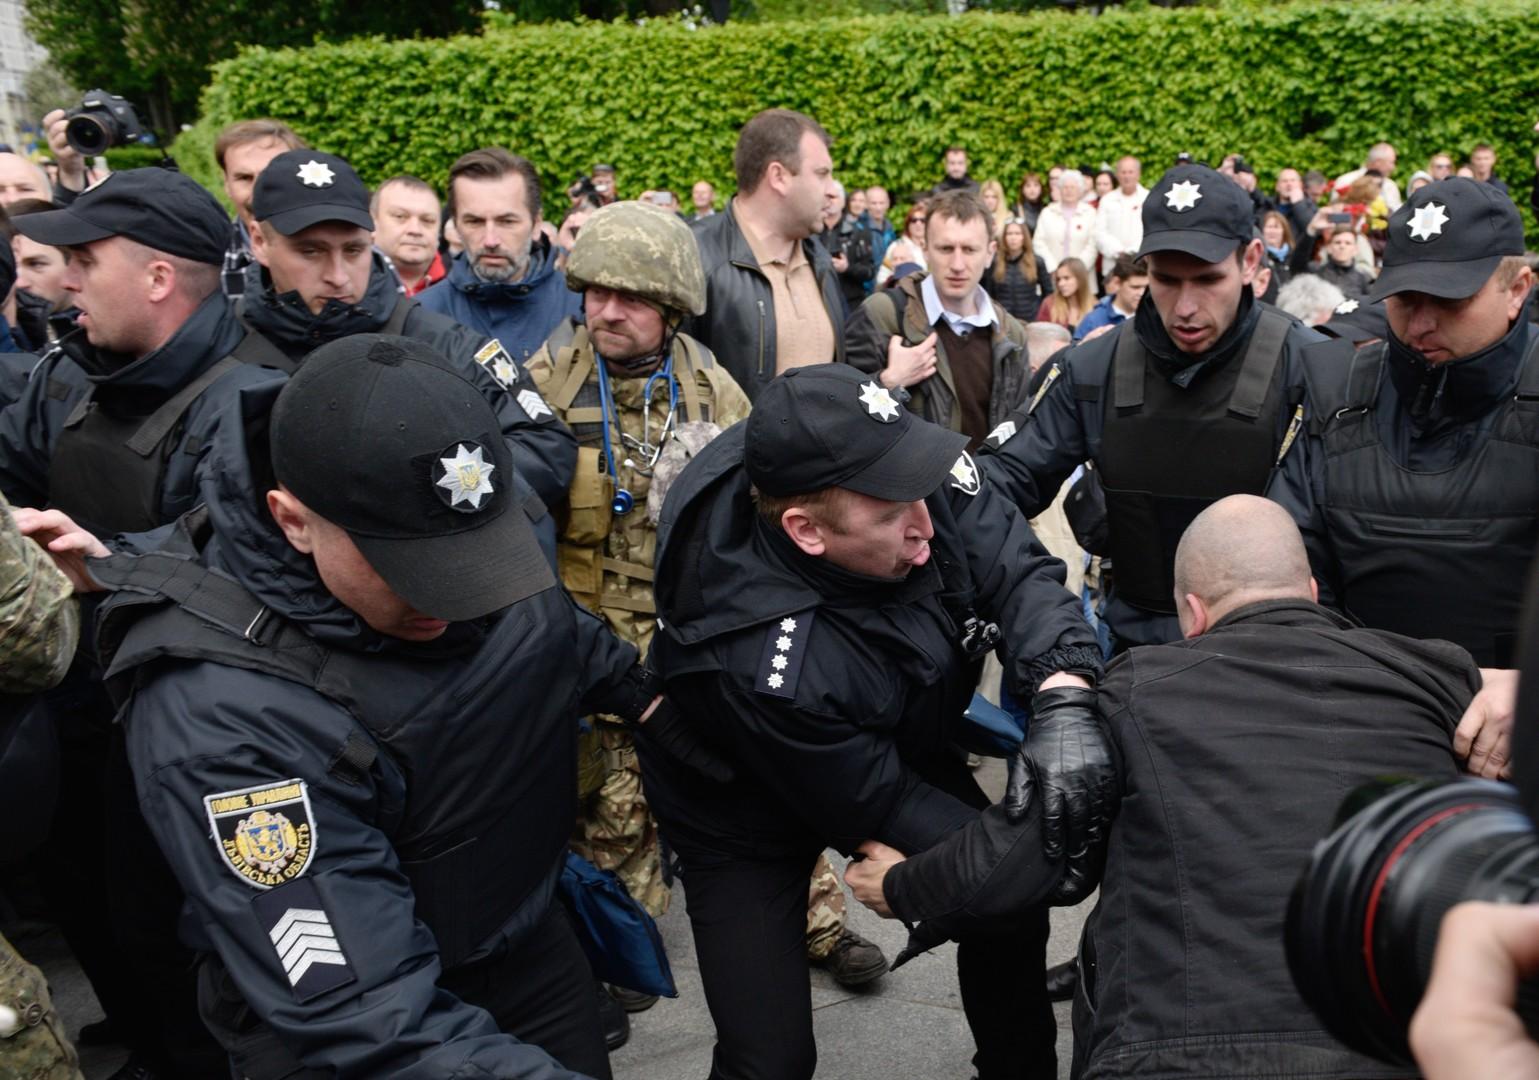 Le défilé du Régiment immortel perturbé par des nationalistes à Kiev, un policier blessé (VIDEO)